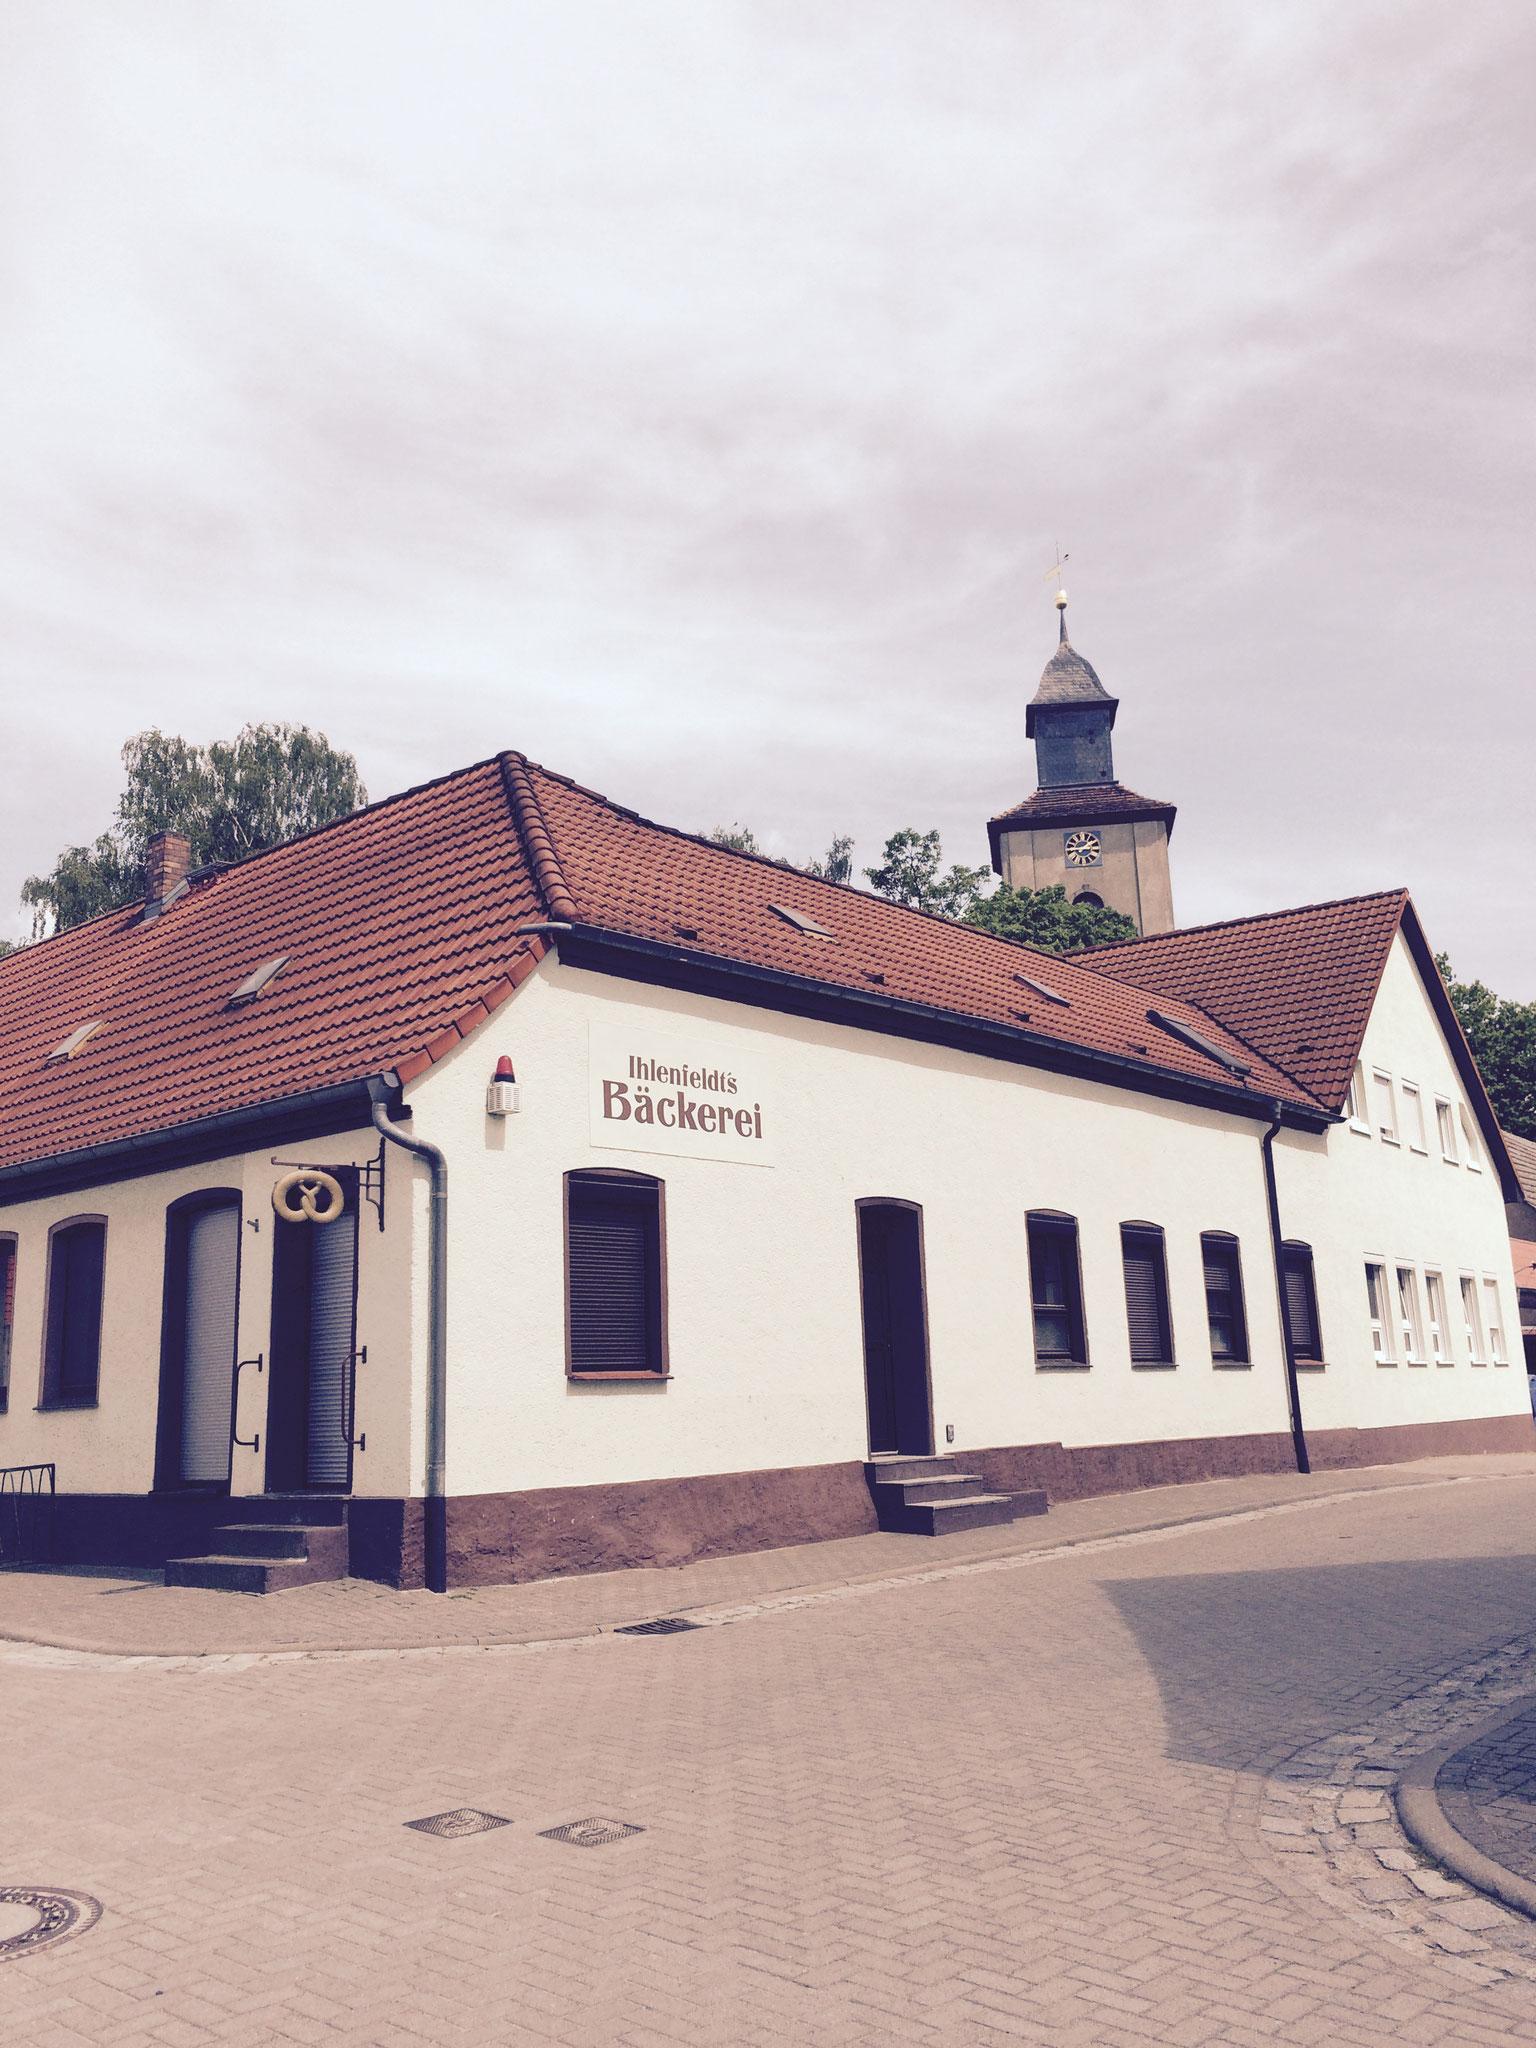 Bäckerei Ihlenfeldt